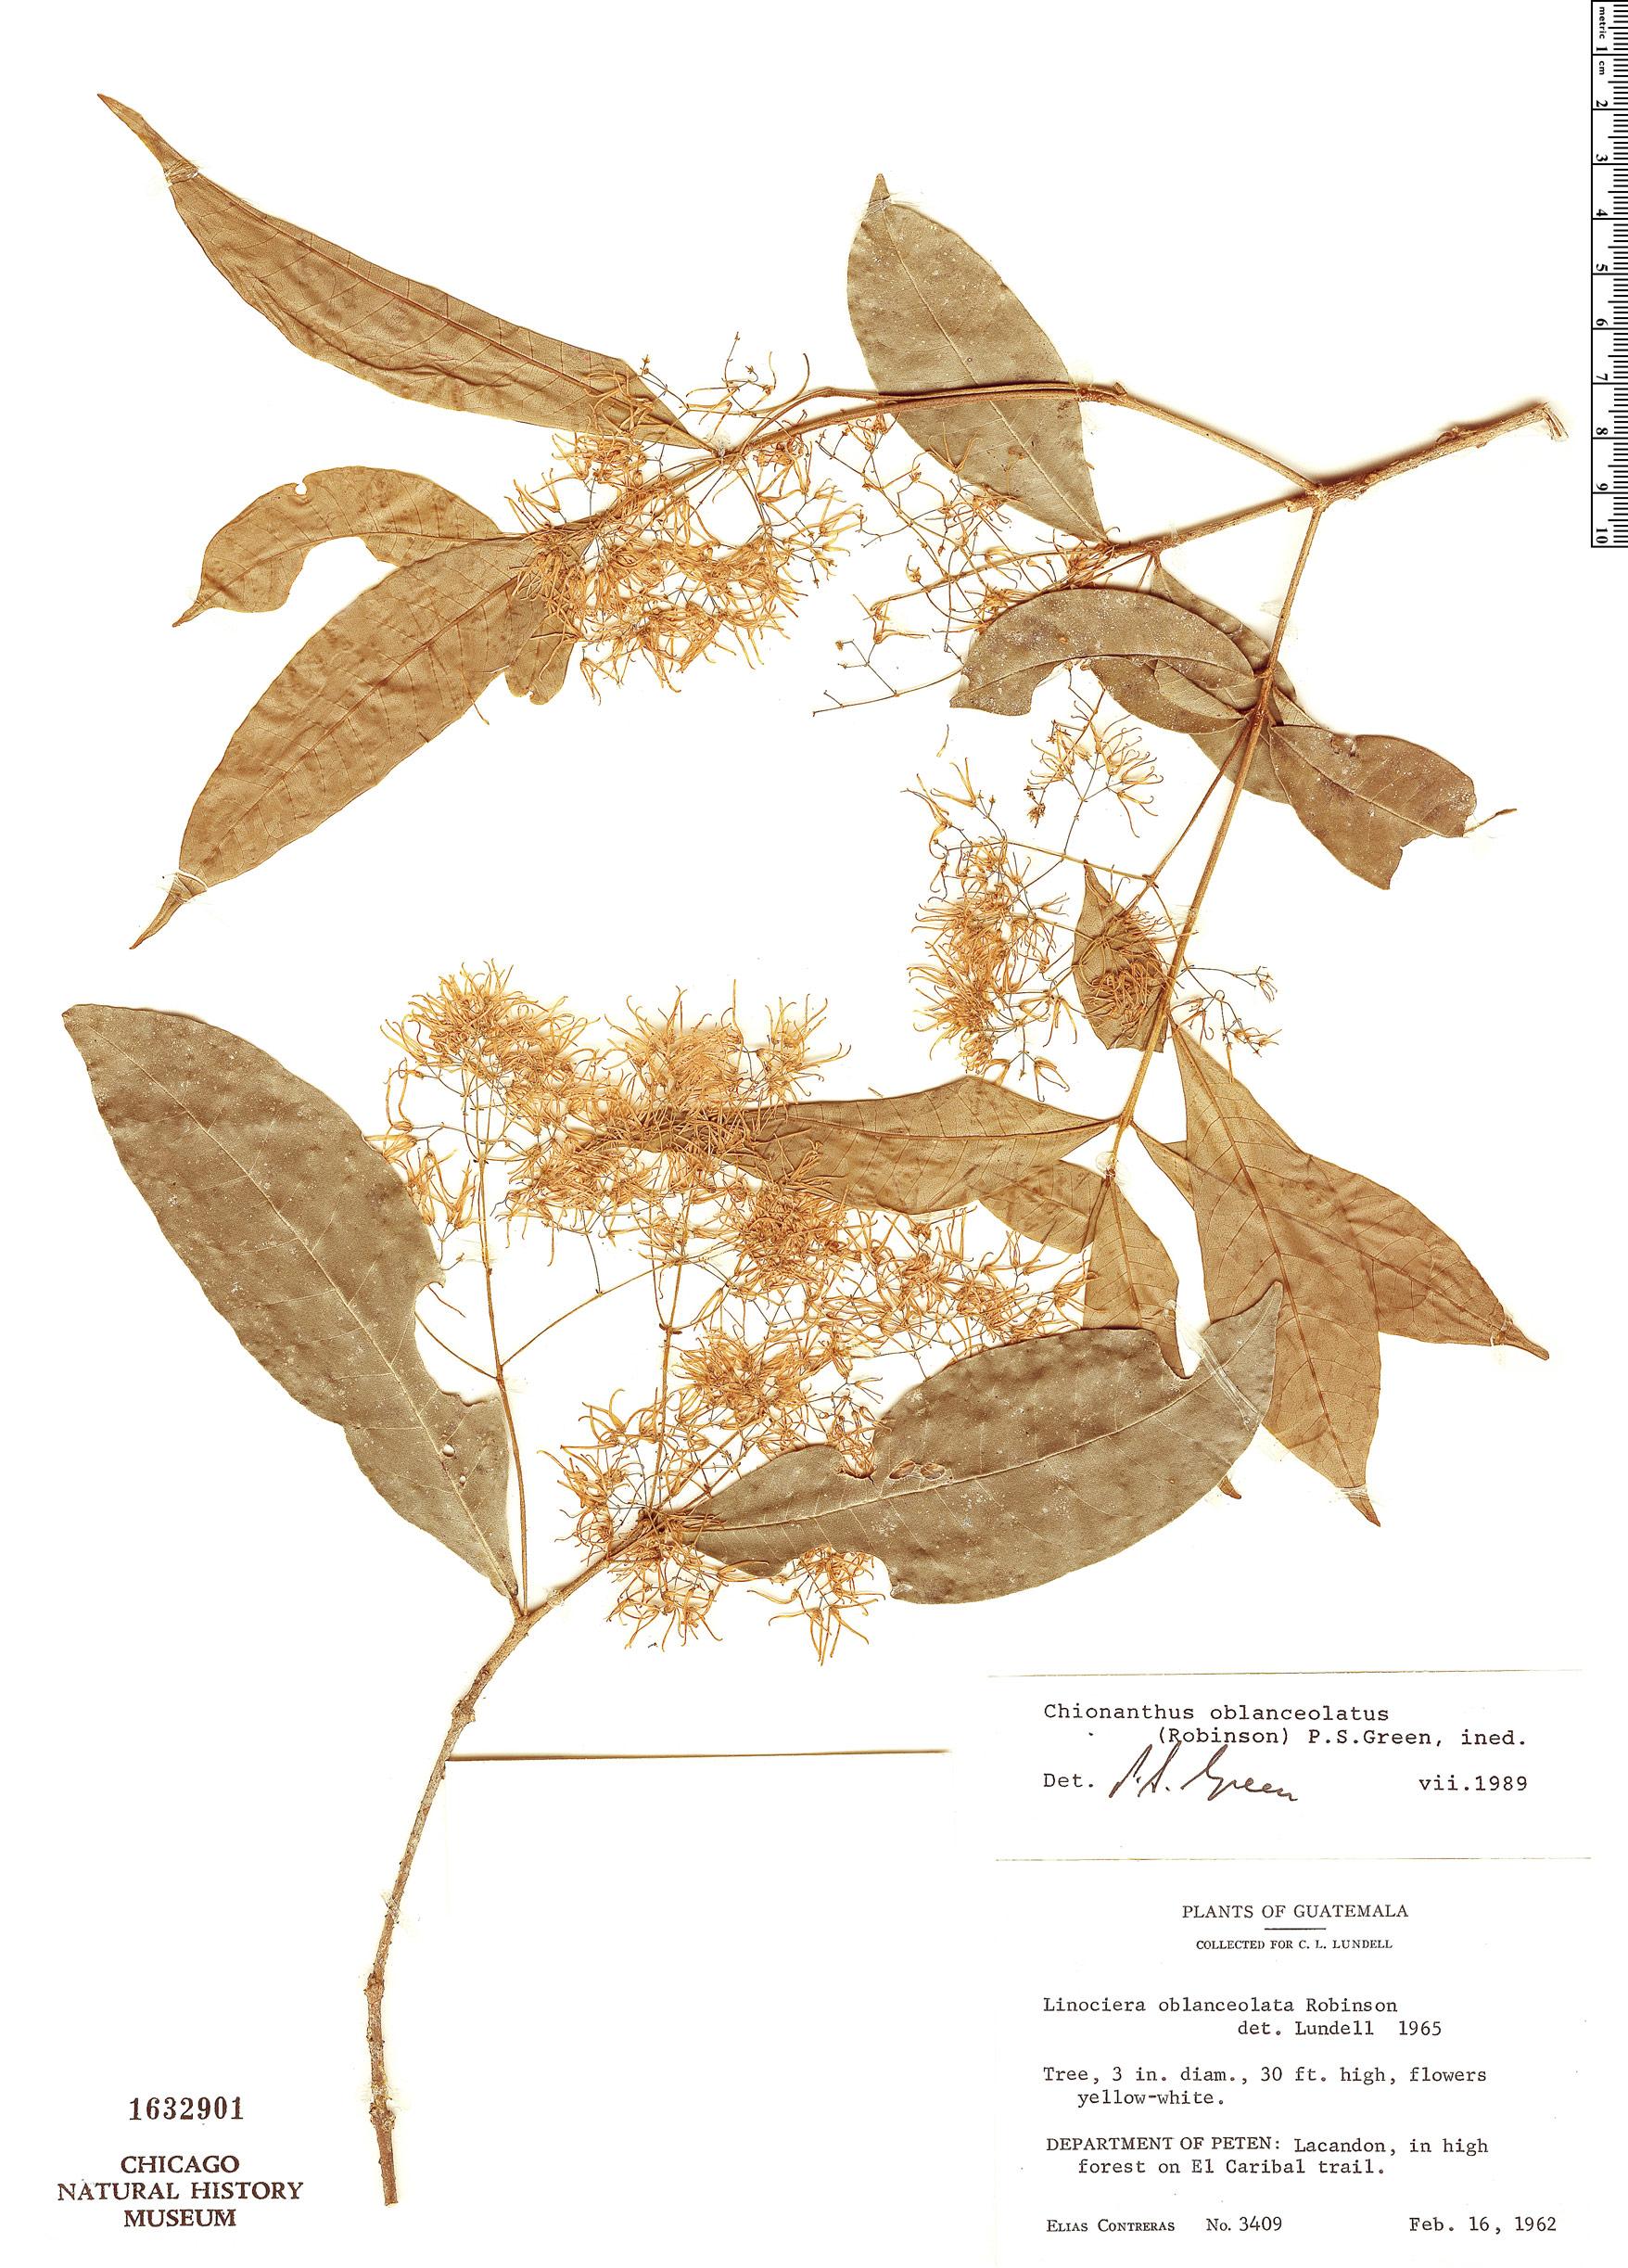 Specimen: Chionanthus oblanceolatus